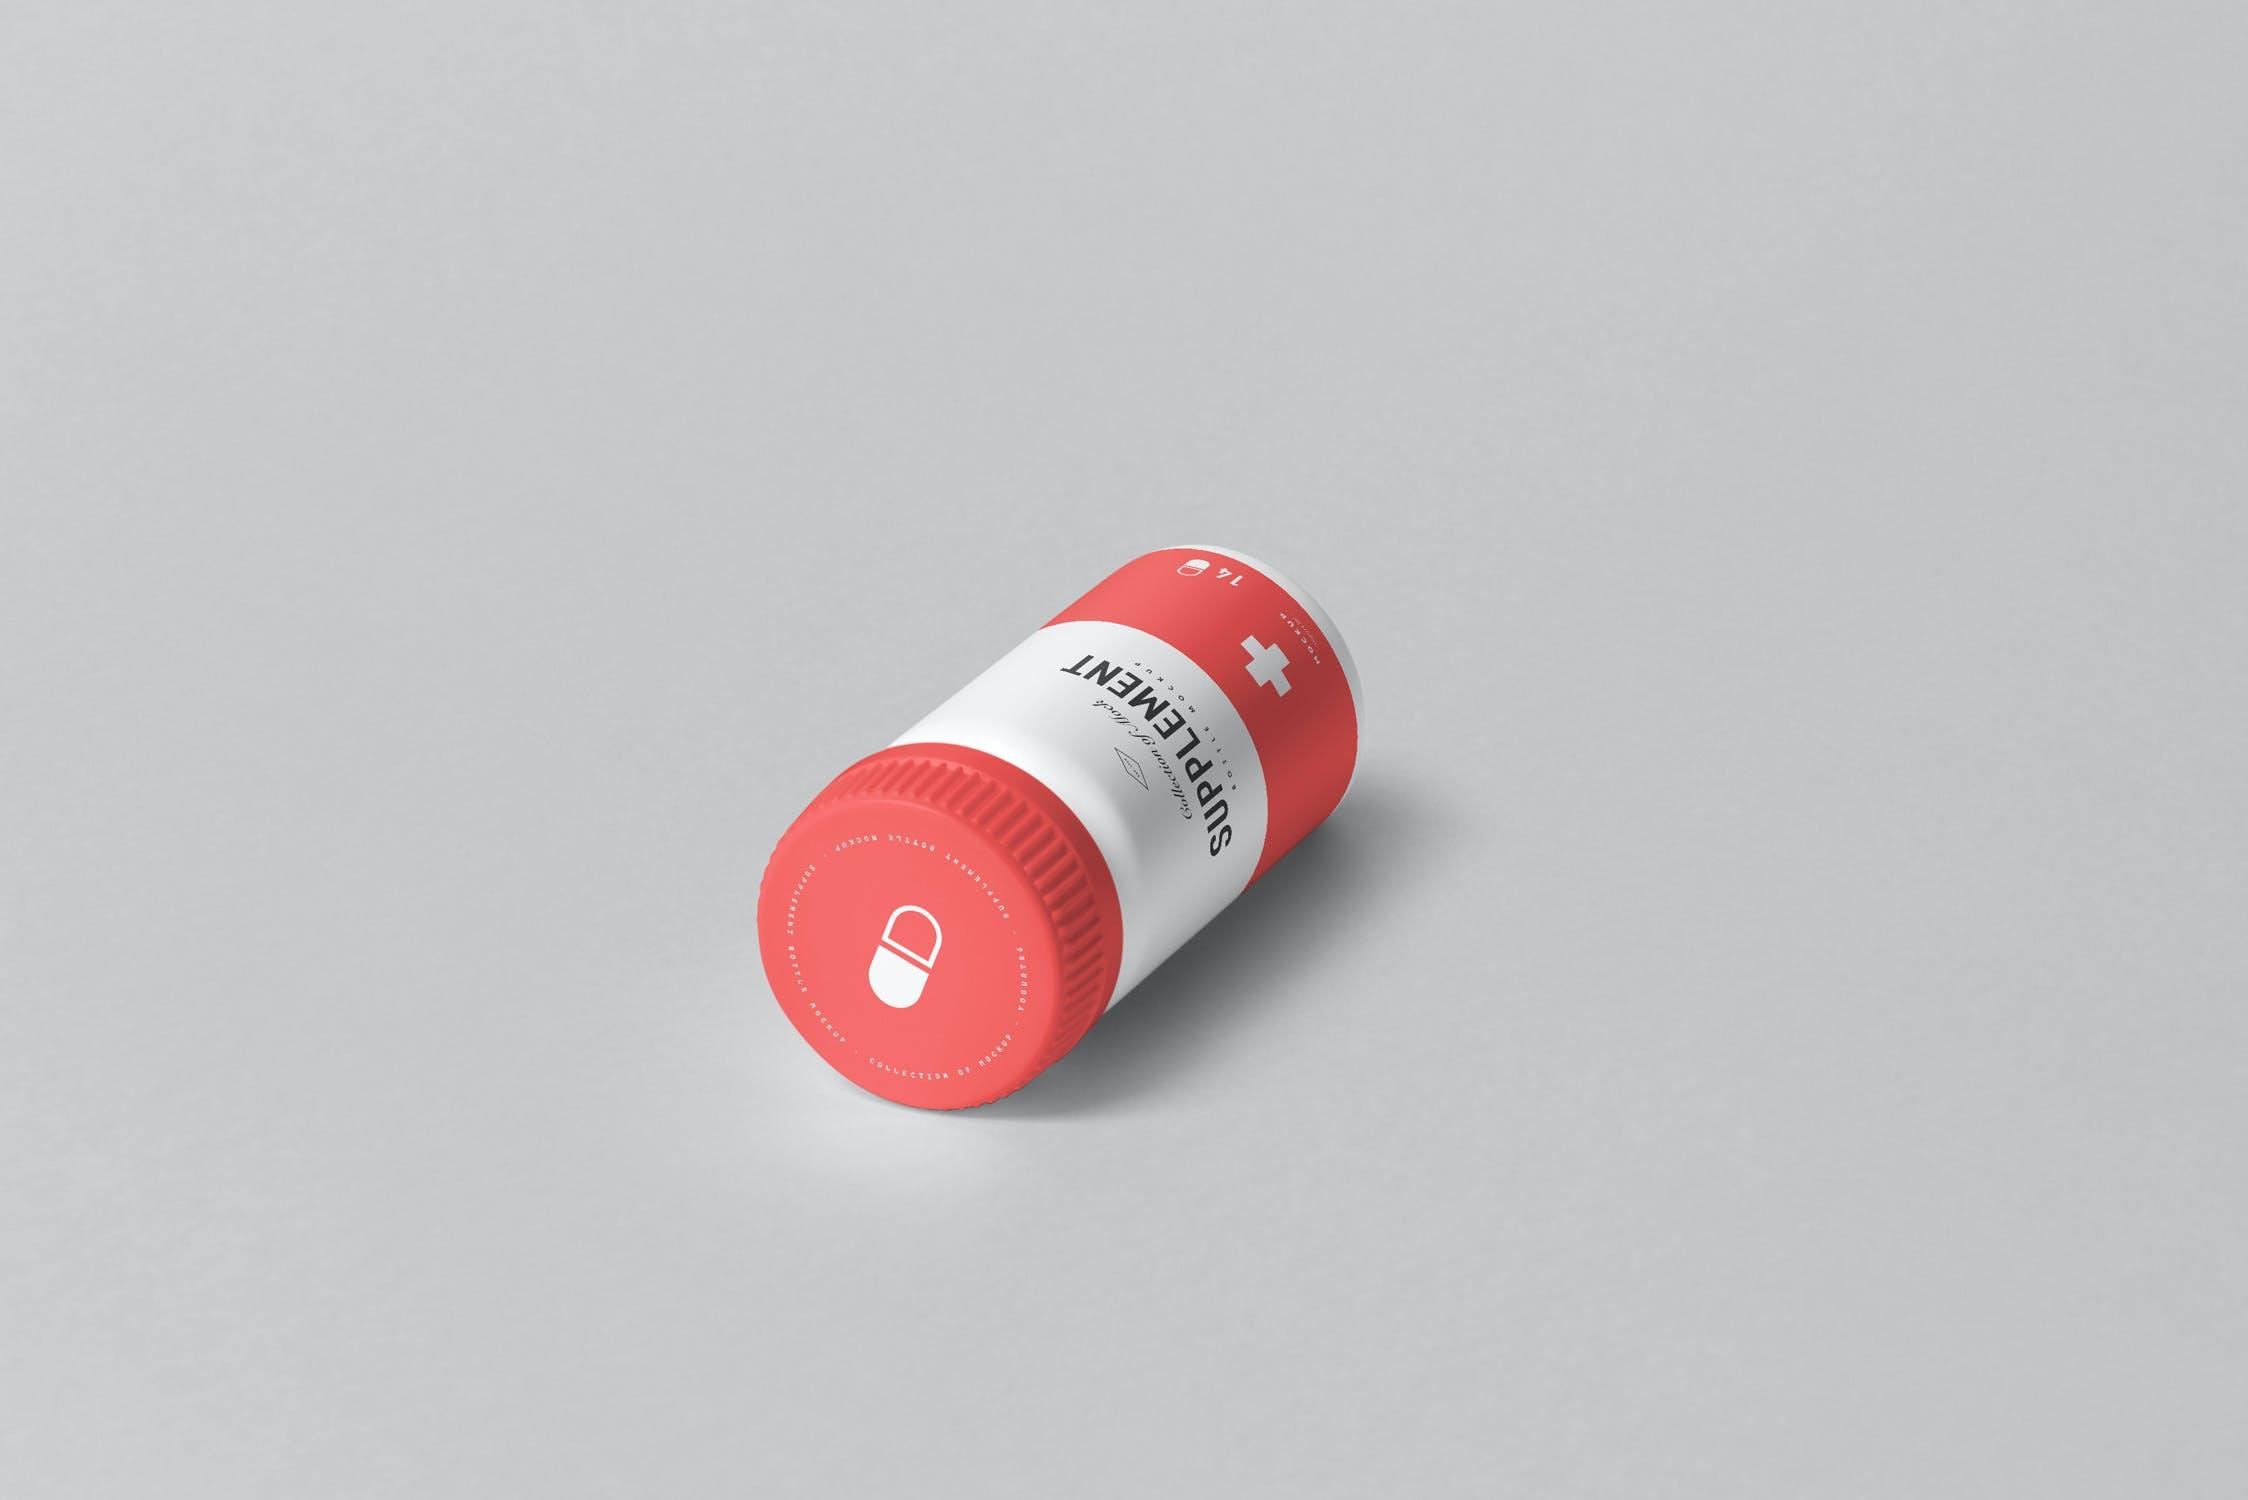 9款药物塑料补充瓶包装纸盒设计展示样机模板 Supplement Jar & Box Mockup 4插图(7)